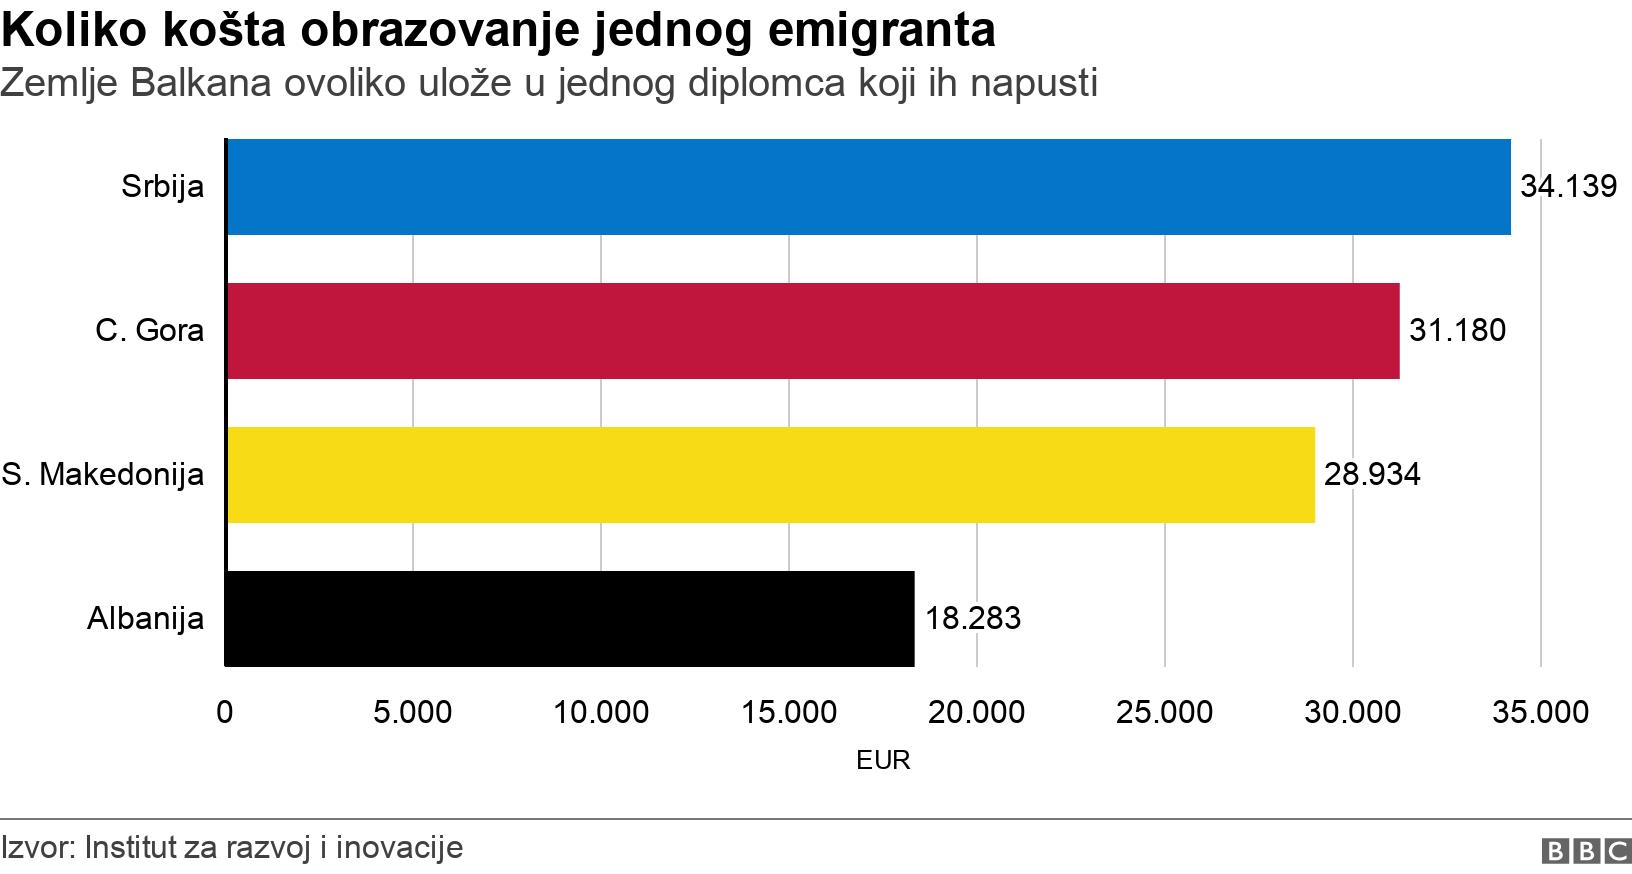 Koliko košta obrazovanje jednog emigranta. Zemlje Balkana ovoliko ulože u jednog diplomca koji ih napusti.  .